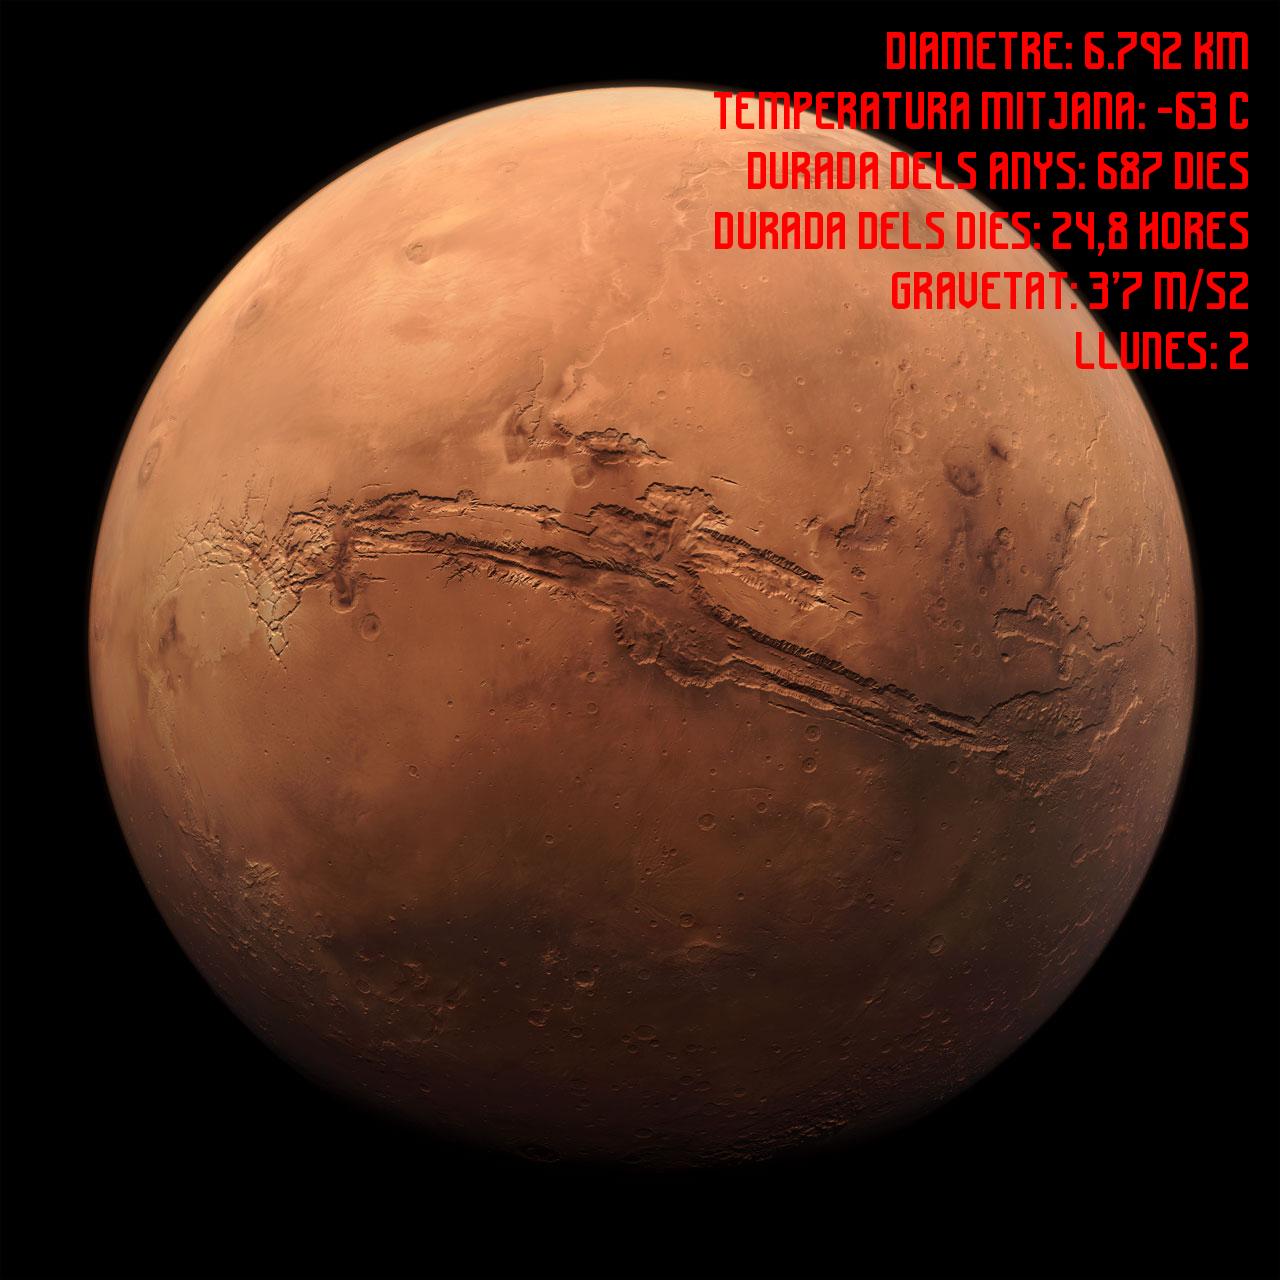 El planeta Mart